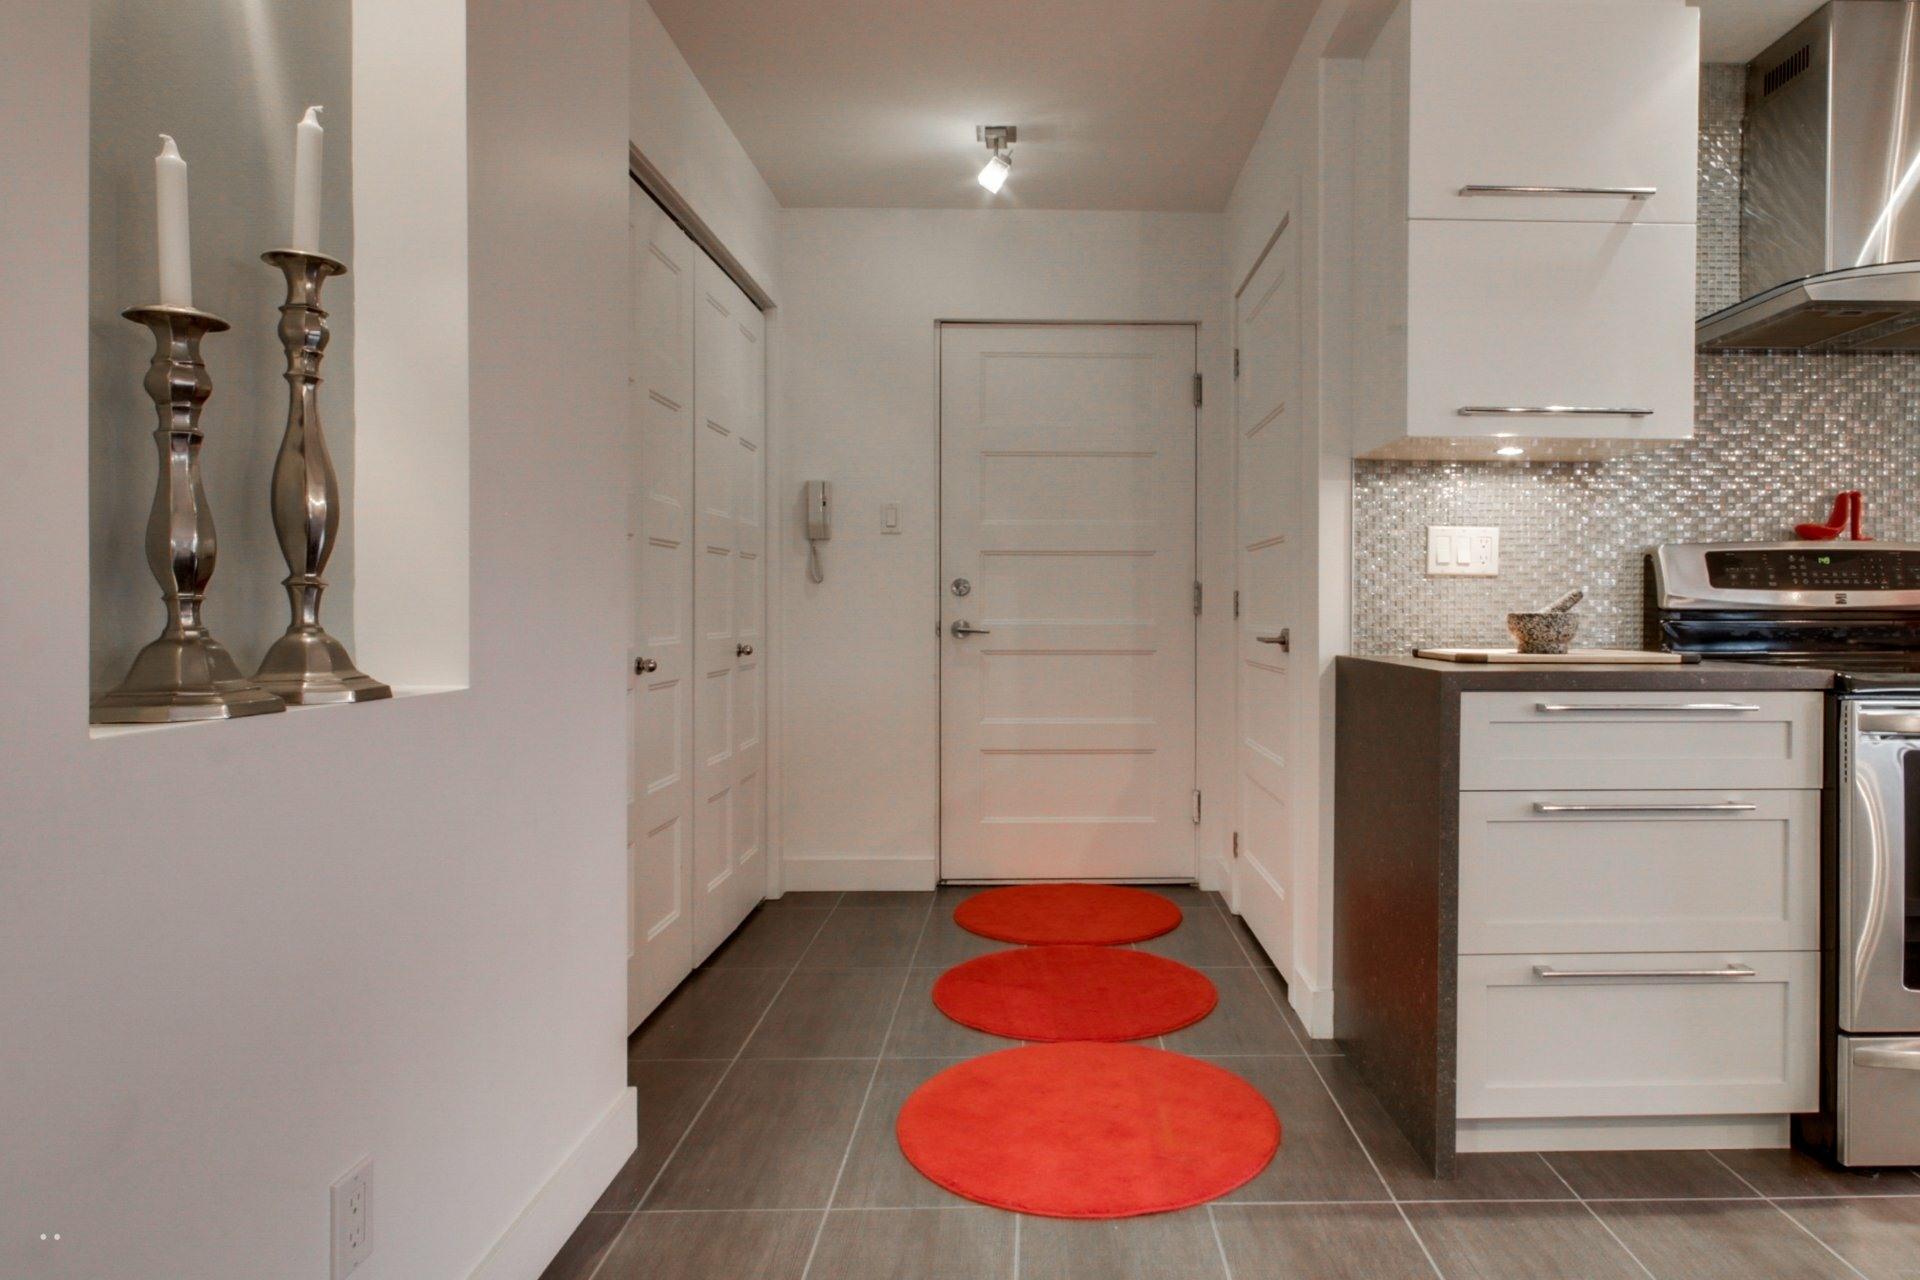 image 9 - Appartement À vendre Trois-Rivières - 7 pièces